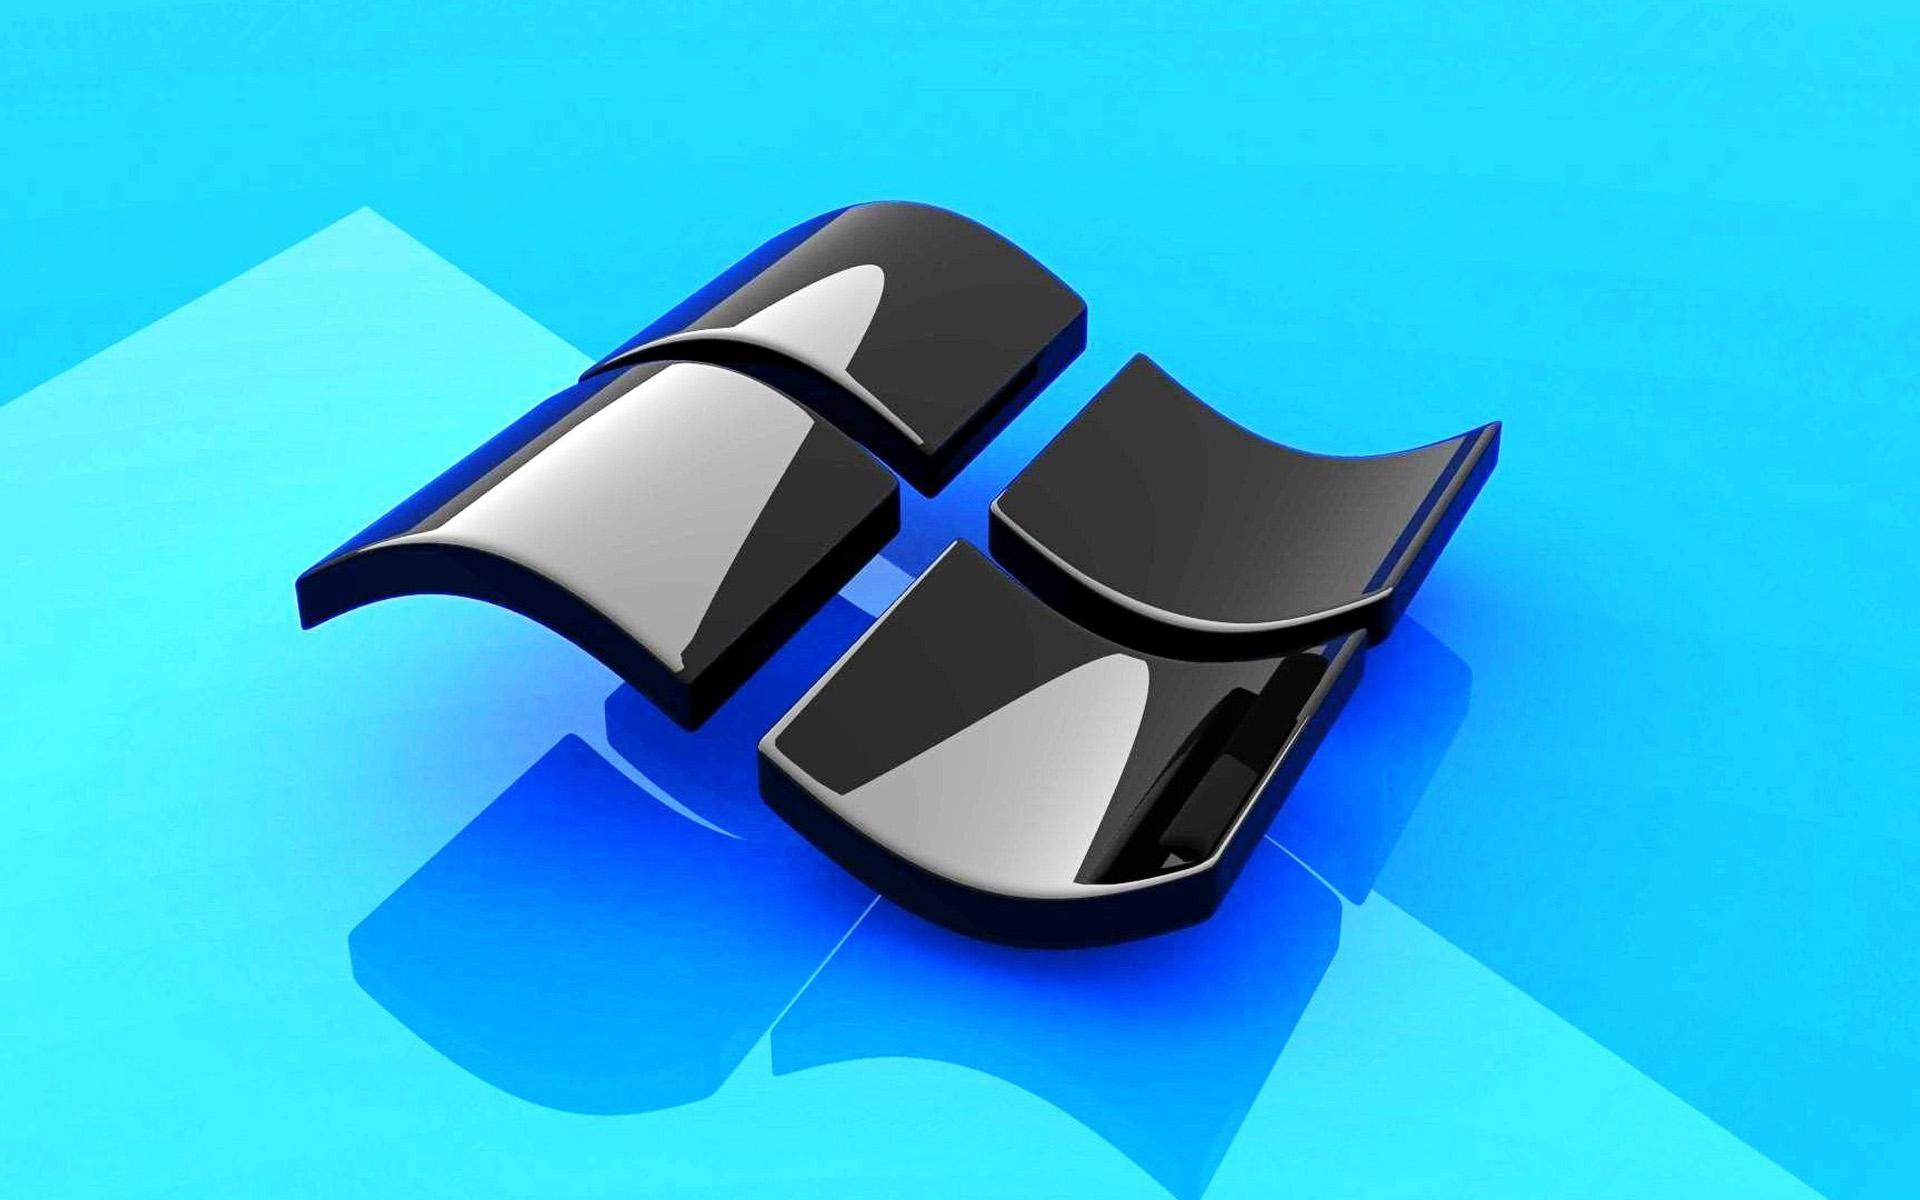 3D Wallpapers for Windows 10 - WallpaperSafari